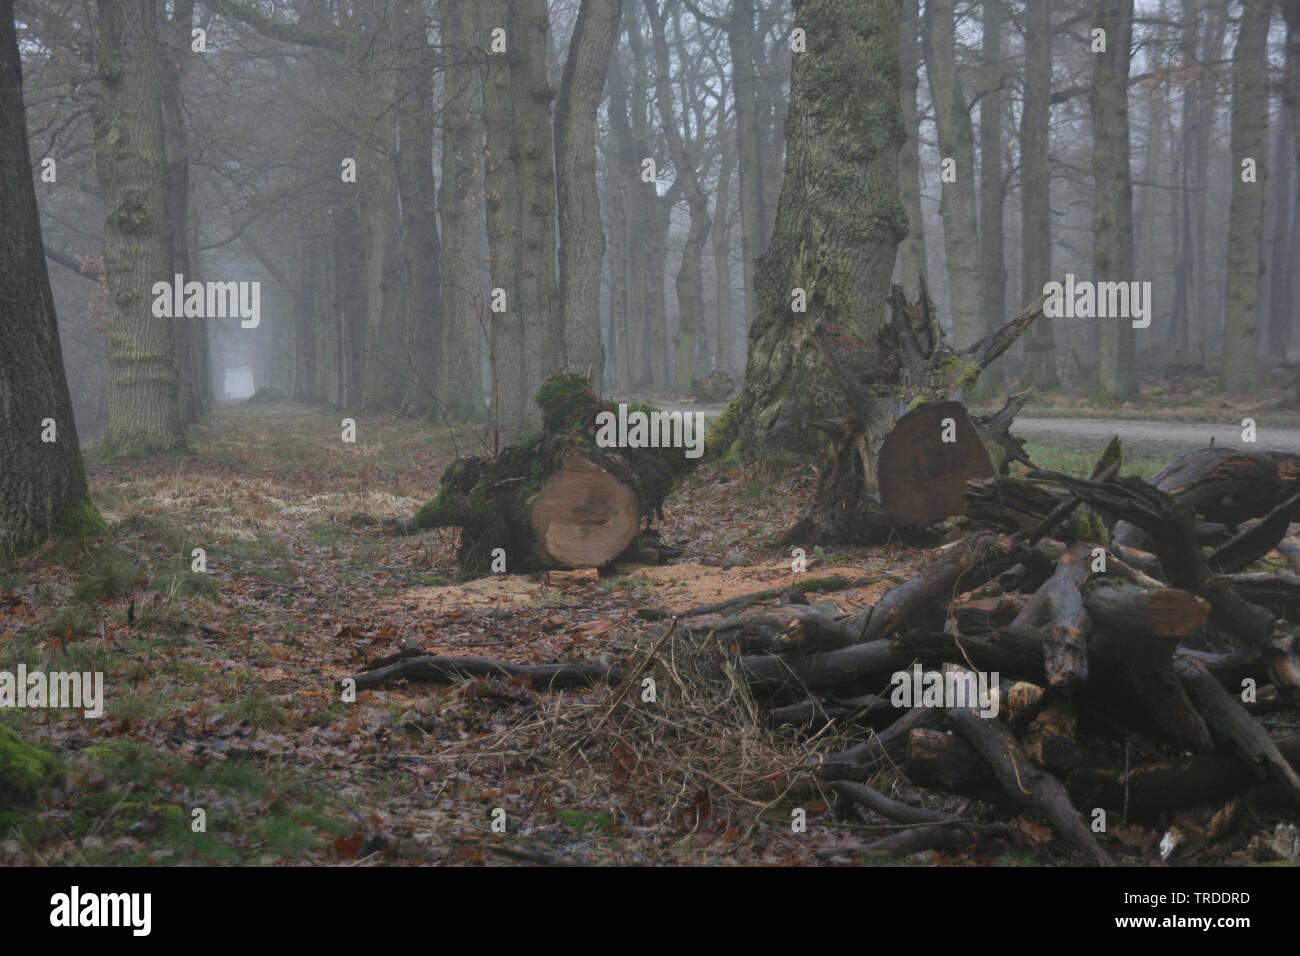 Nebel im Wald in Beneden Regge, Niederlande, Overijssel   Forest in winter in Vecht en Beneden Regge, Netherlands, Overijssel   BLWS501081.jpg [ (c) b - Stock Image